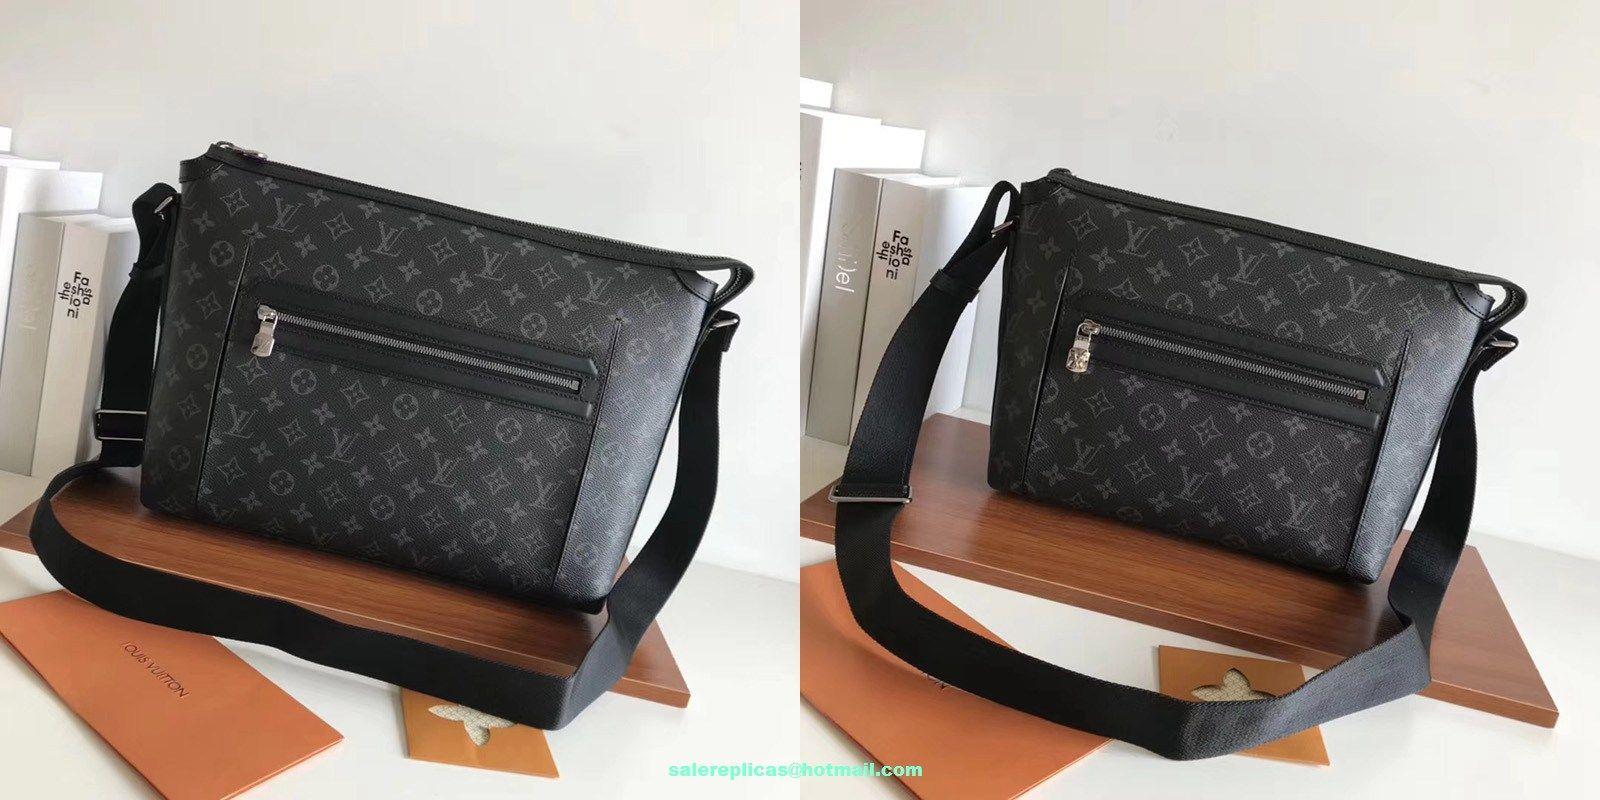 Louis Vuitton Odyssey Messenger Bags  c9d7dedccce58